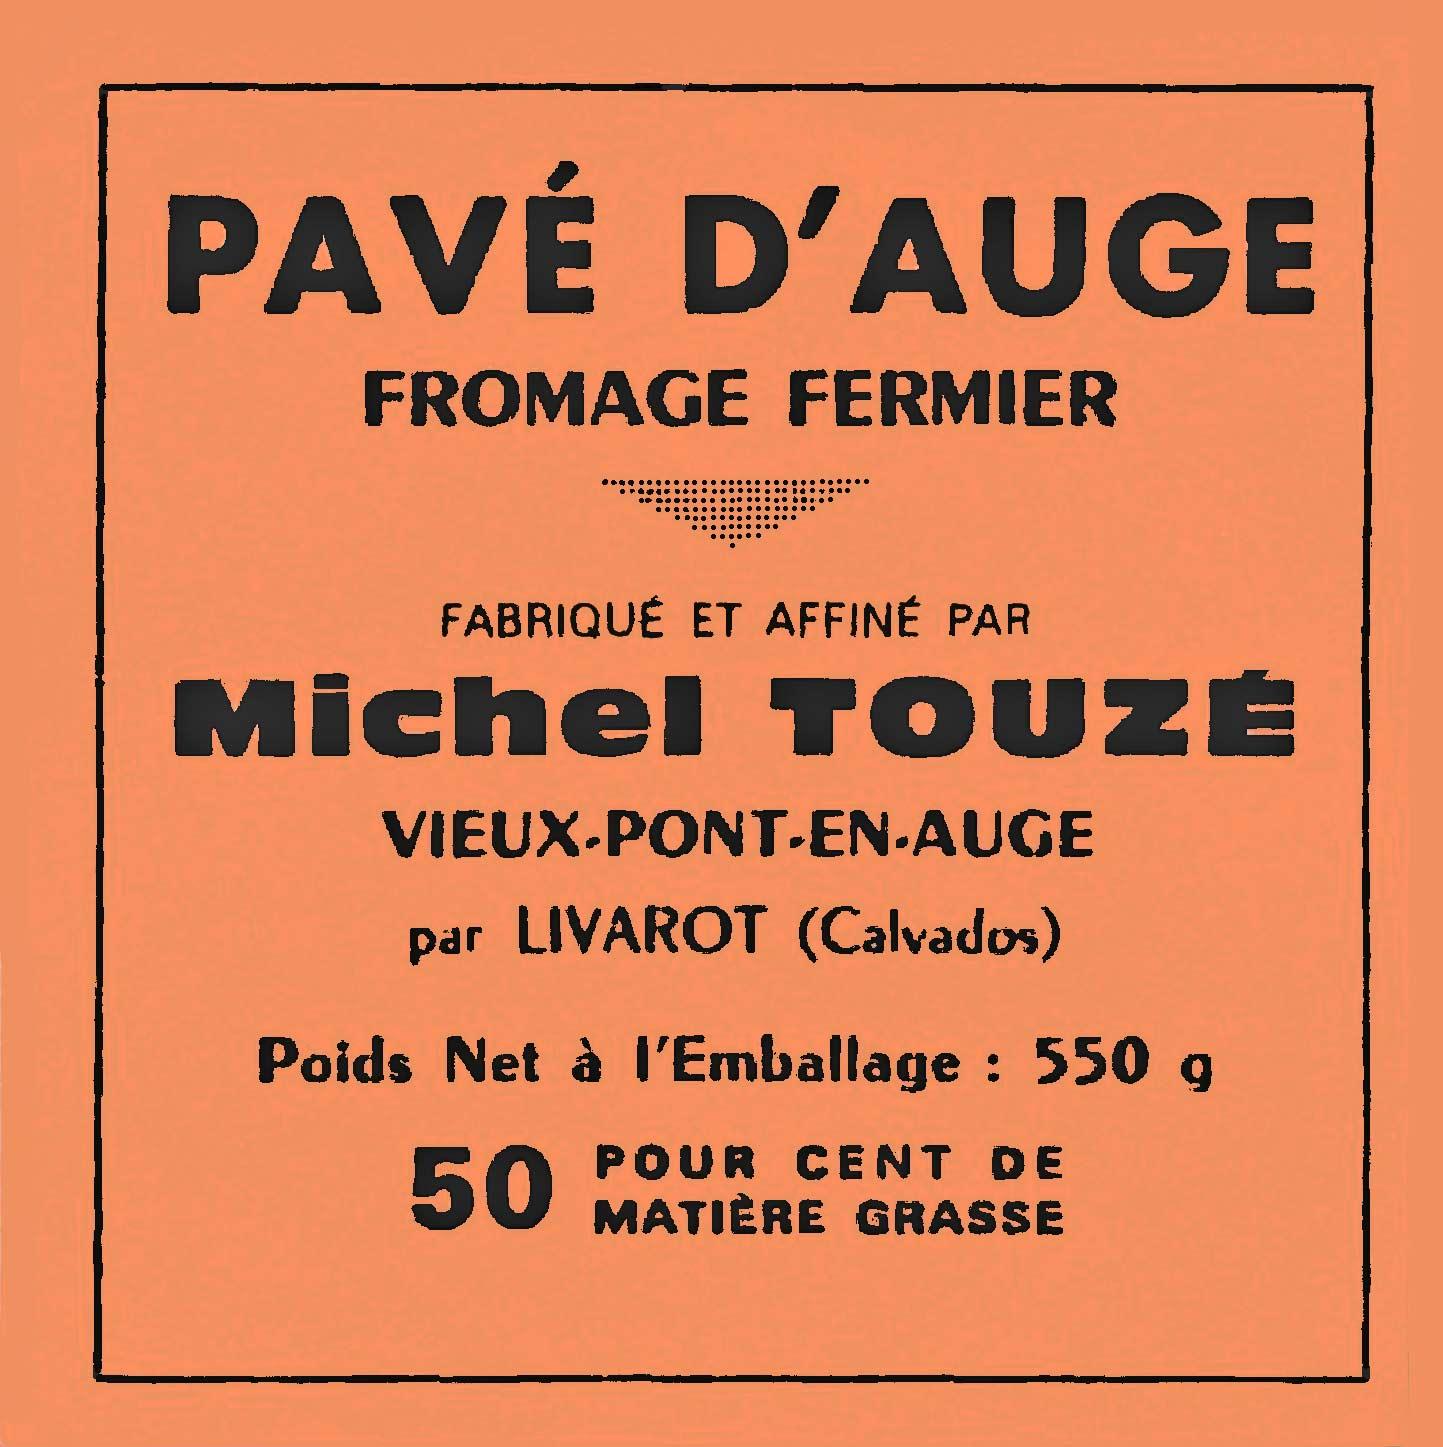 Ancien producteur de Pavé d'Auge fermier au lait cru